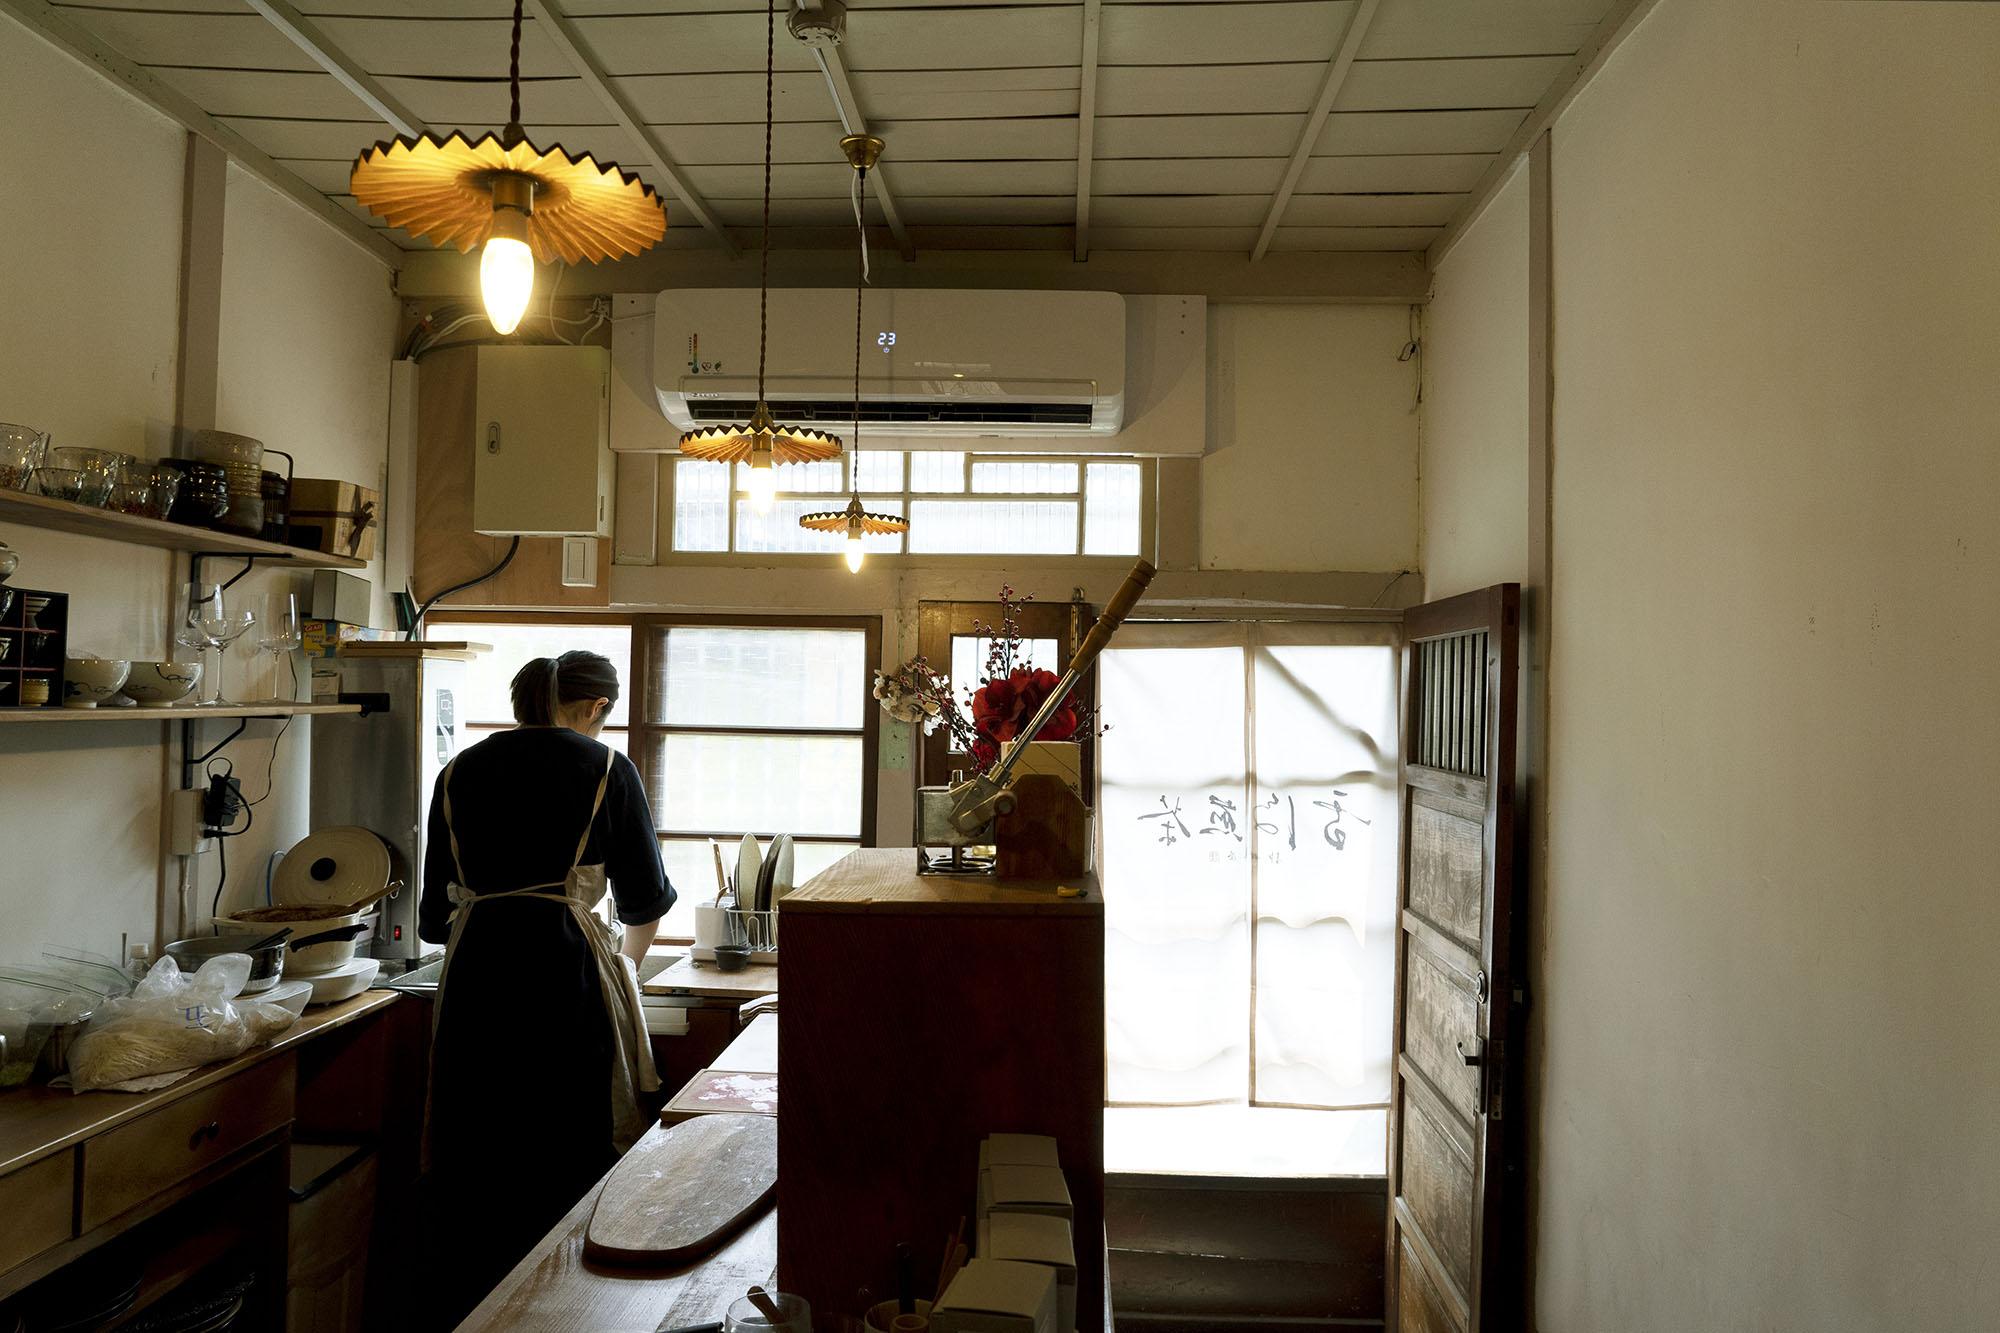 網站近期文章:嘉義雪後煎茶|滿載生活的溫暖,是初次見面的老朋友。